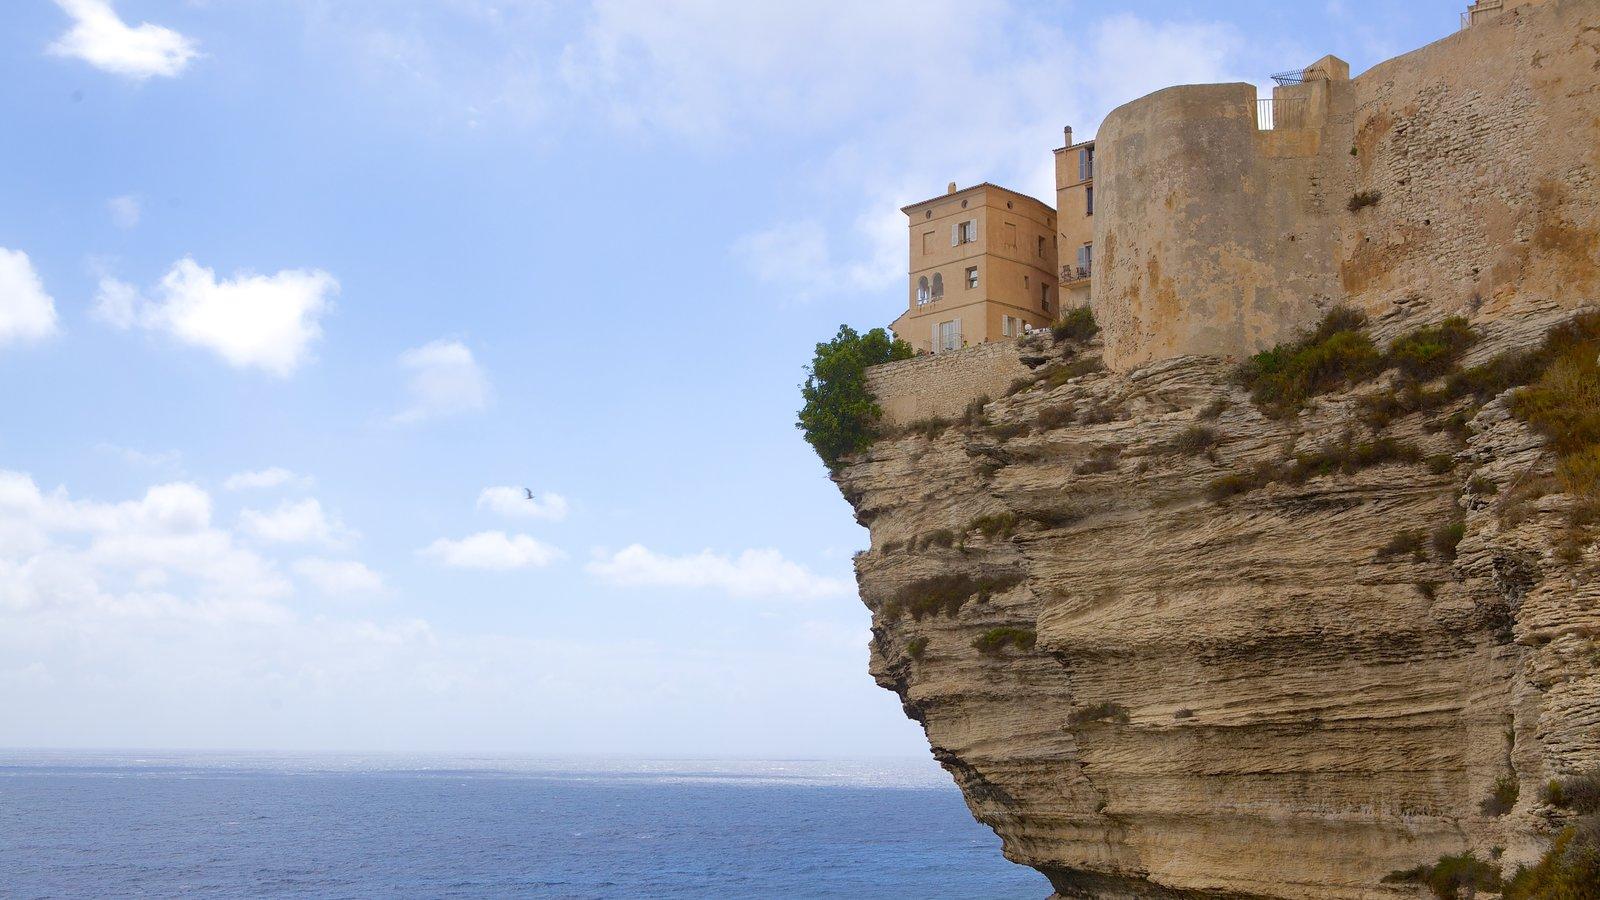 Bonifacio which includes rocky coastline